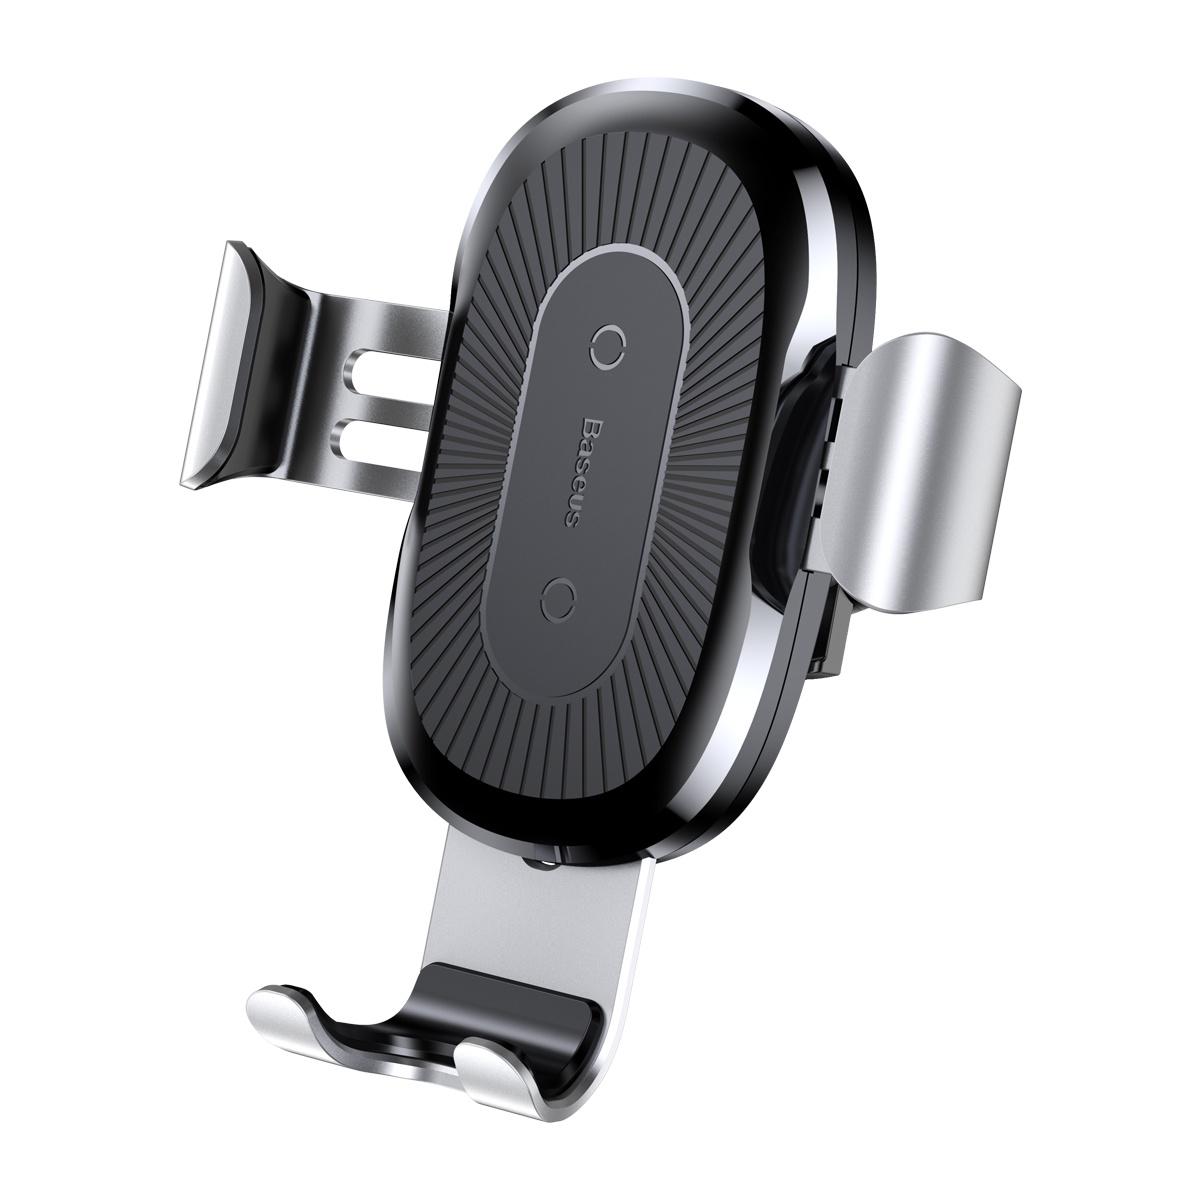 Фото - Автомобильный держатель с беспроводной зарядкой Baseus Wireless Charger Gravity Car Mount - WXYL-0S (Серебристый) автомобильная беспроводная зарядка держатель с сенсорным датчиком smart sensor car wireless charger r1